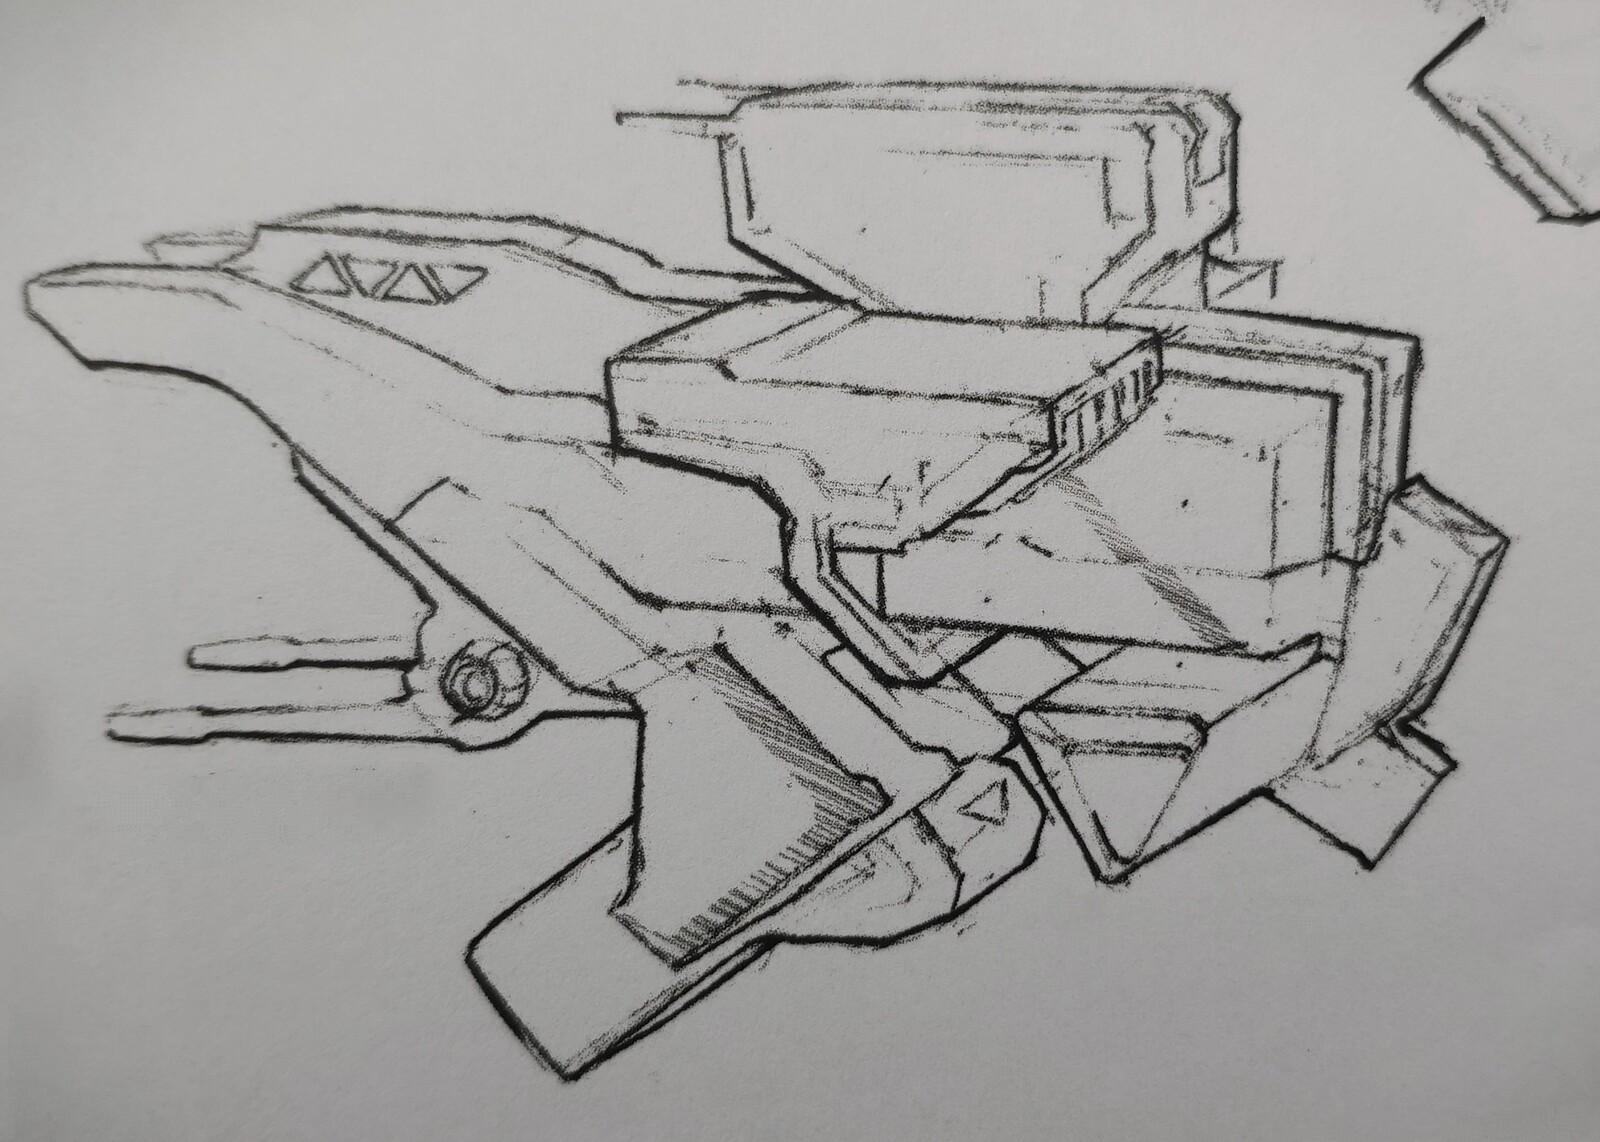 Fhrazer Gun?